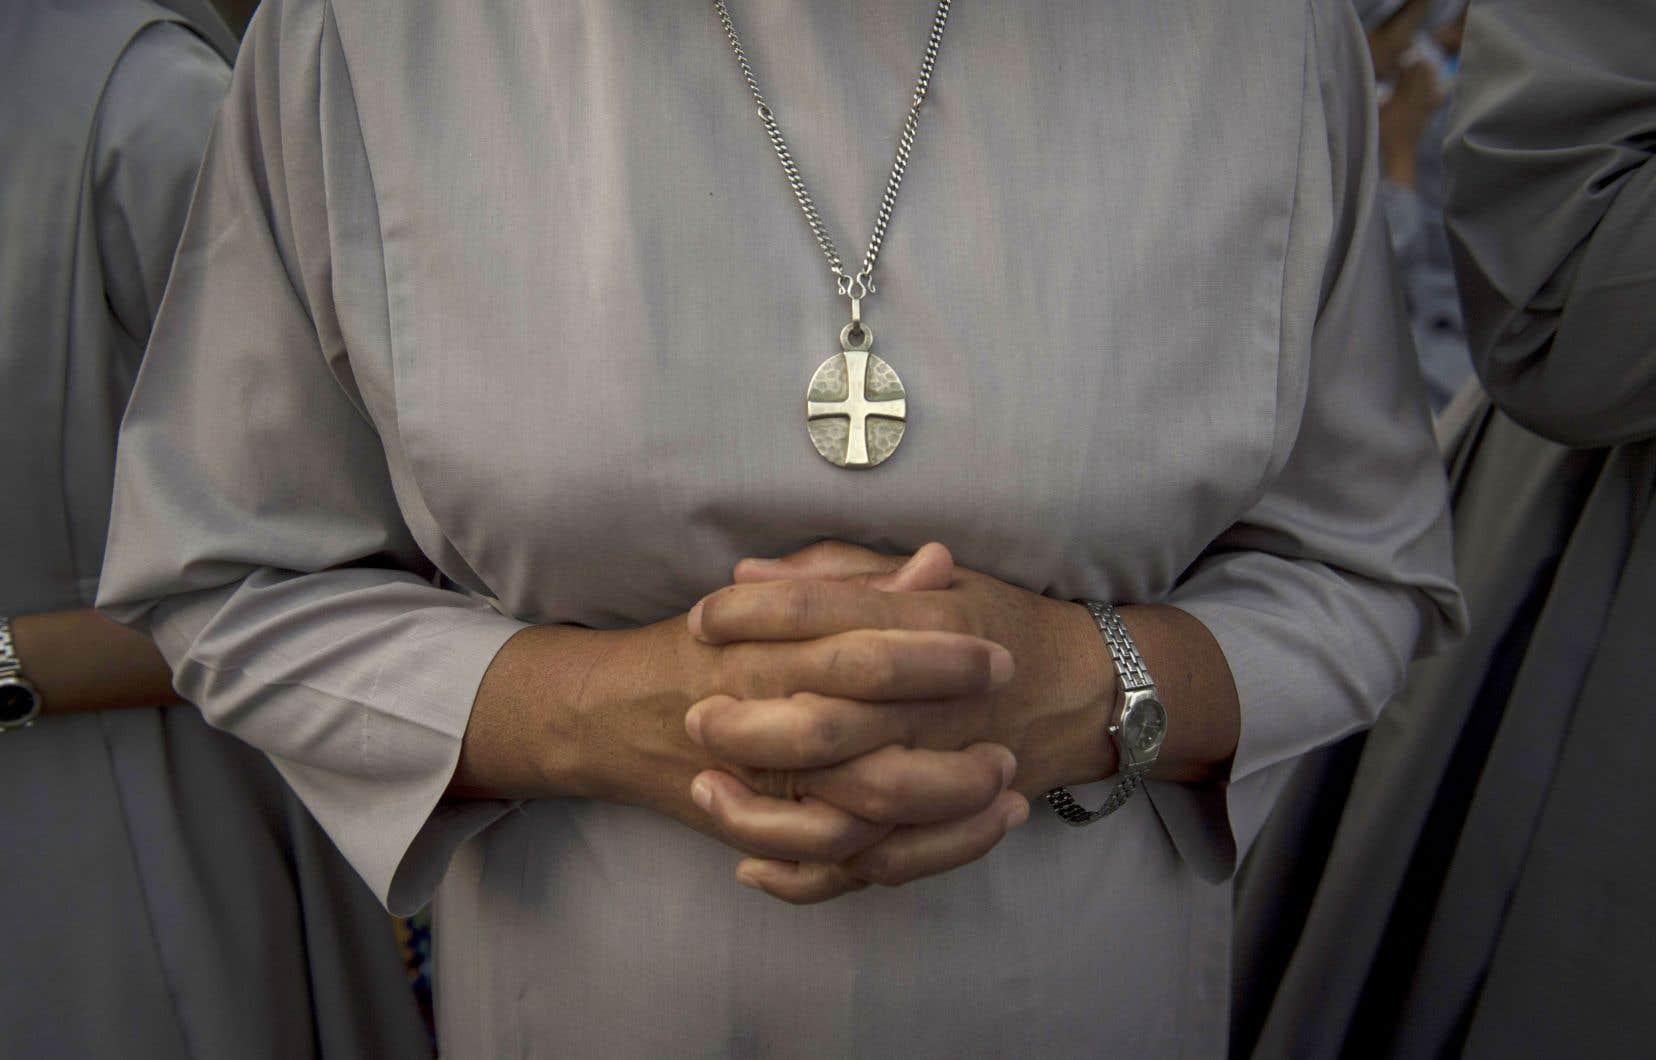 «Les arguments sont connus: le Christ aurait pu choisir des femmes comme apôtres. Il n'a choisi que des hommes. Cette tradition de l'Église est immémoriale et ferme.»